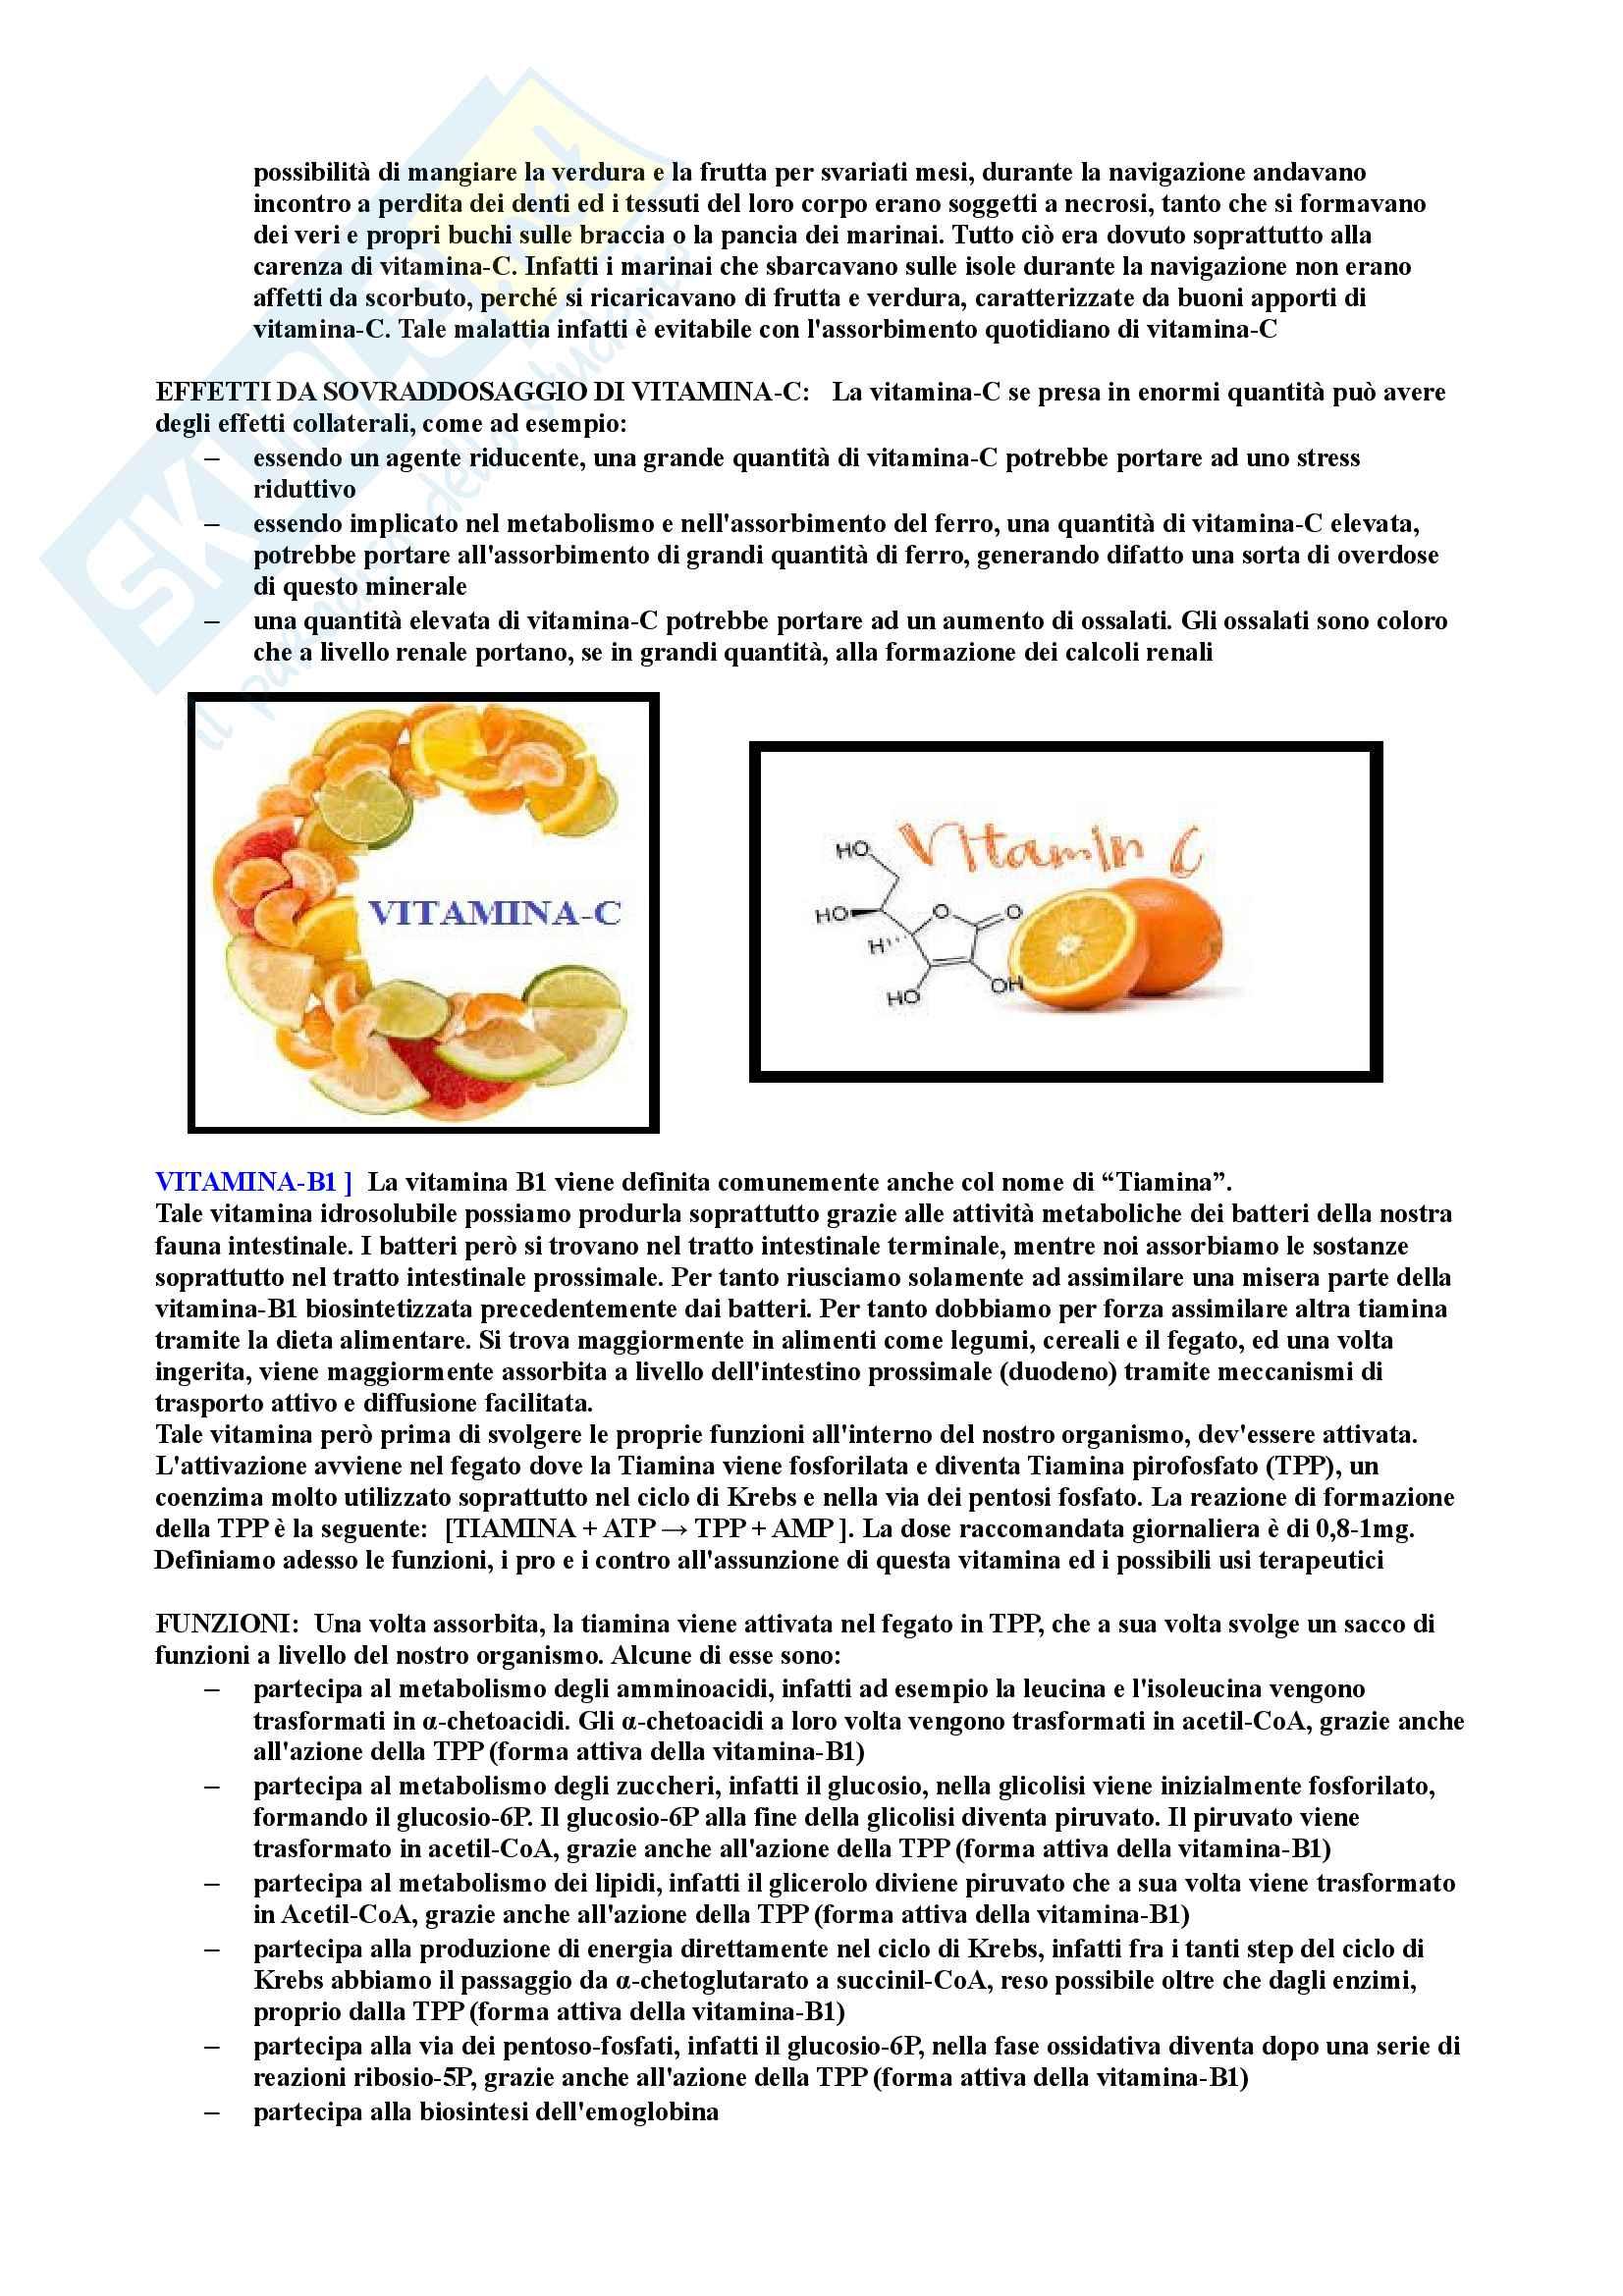 Riassunto di Biochimica degli alimenti Pag. 6